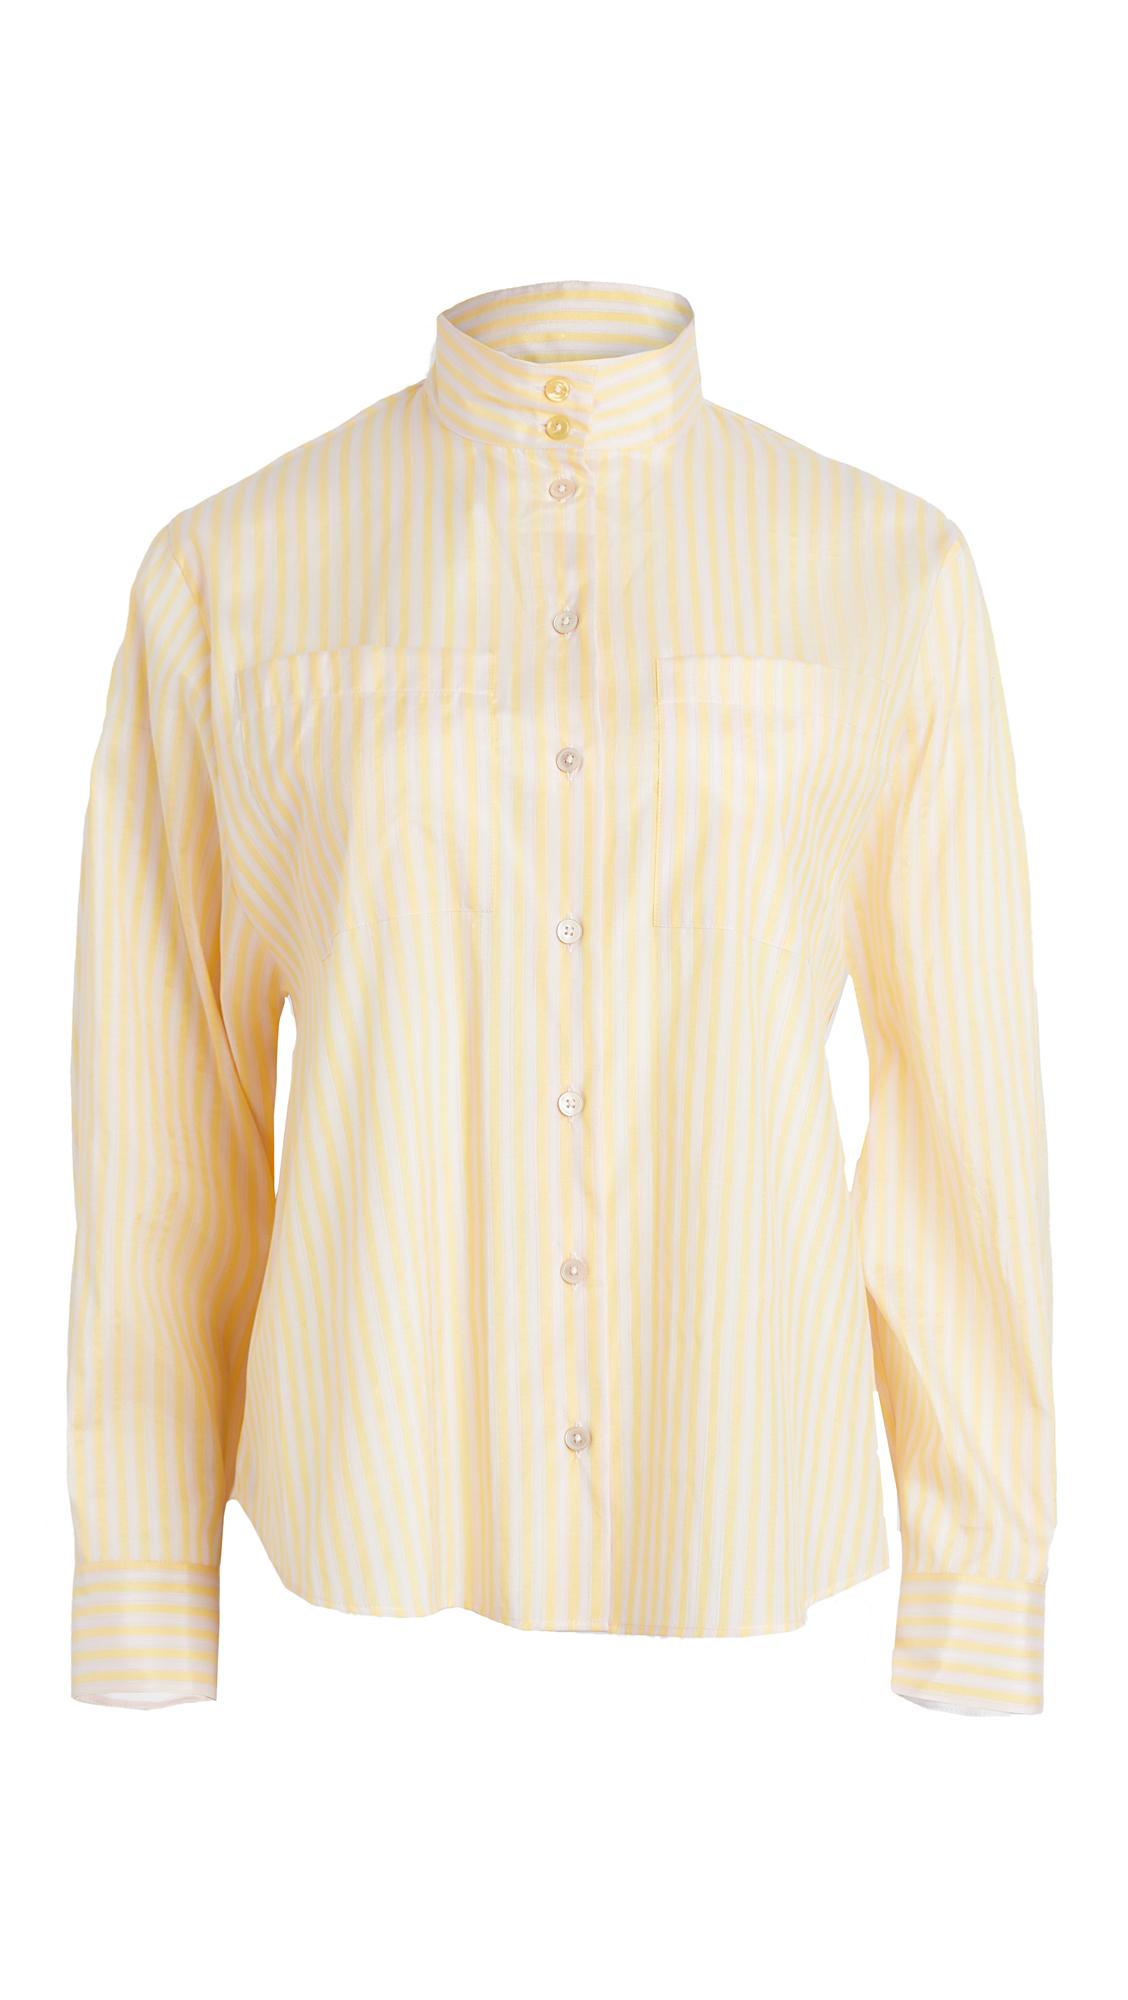 Paul Smith Safari Shirt